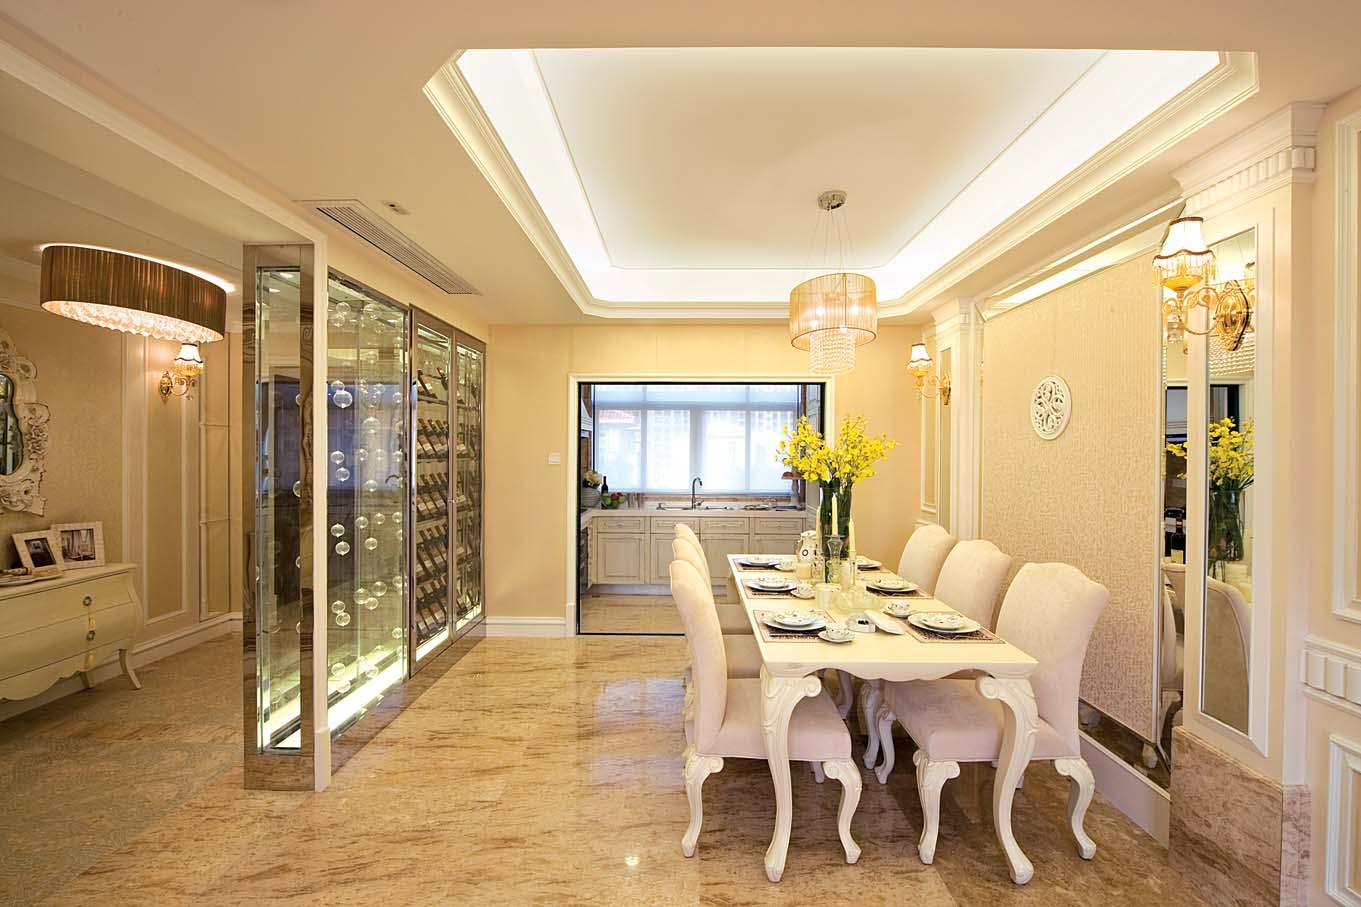 家里卧室装修图片_家里墙面是油漆喷白的,怎么装饰会冲淡这种全白的视觉效果 ...